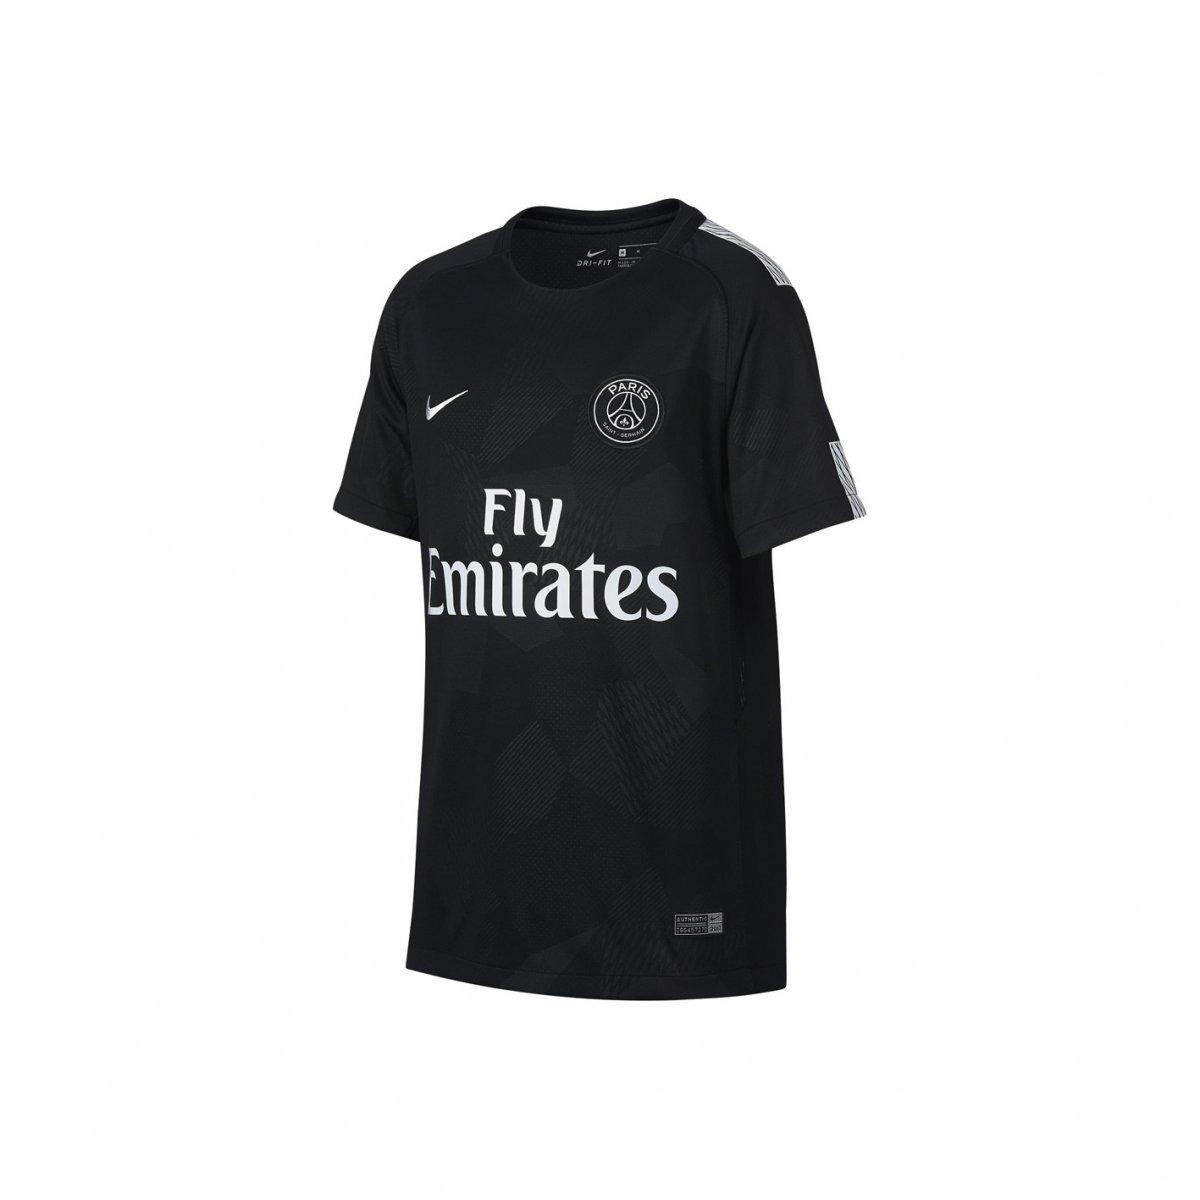 Camiseta Infantil Nike Psg 17 18 847407  a16e7c03156be